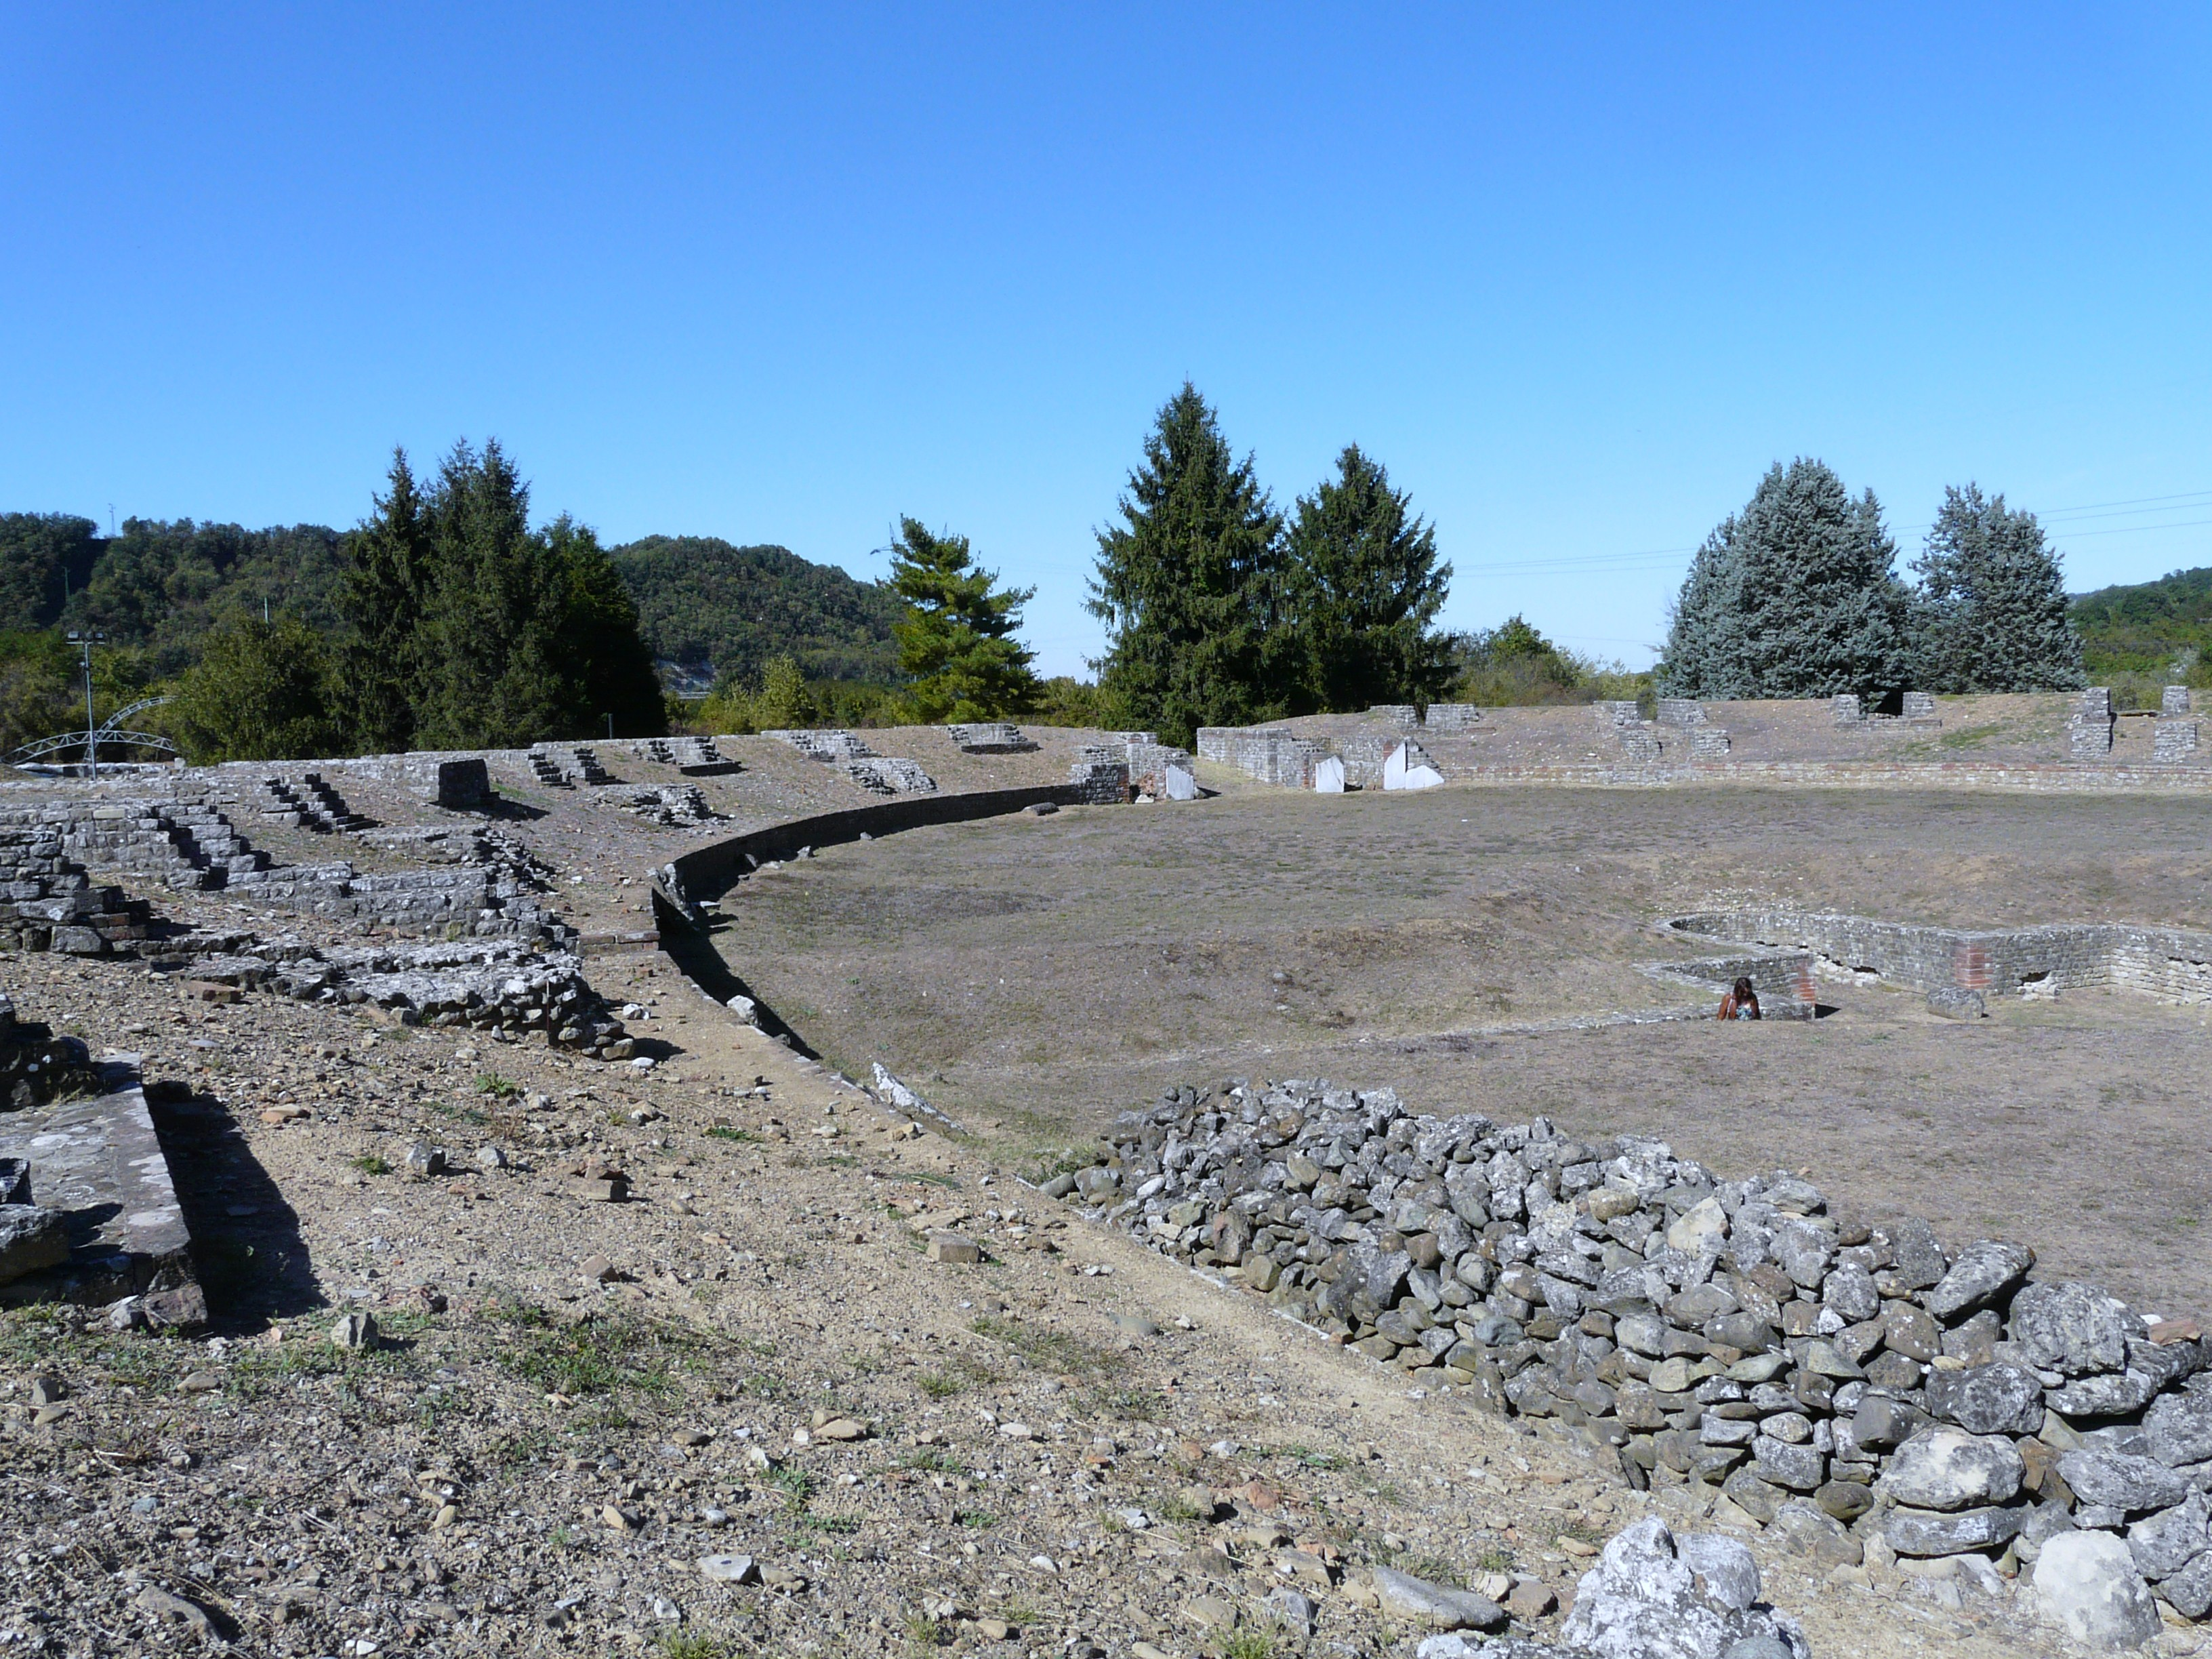 Libarna (Serravalle Scrivia)-area archeologica e rinvenimenti città romana12.jpg